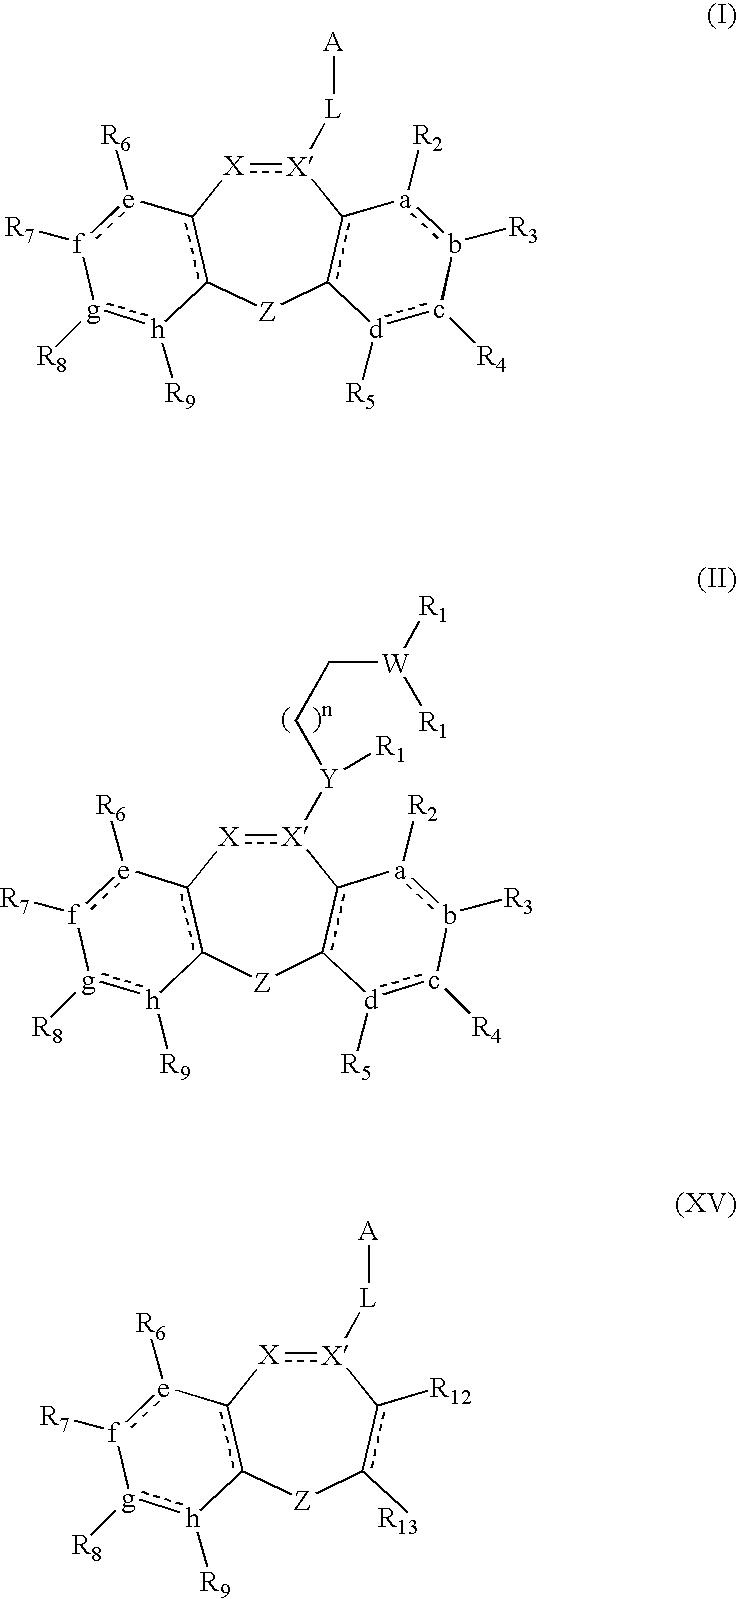 Figure US20060252744A1-20061109-C00218